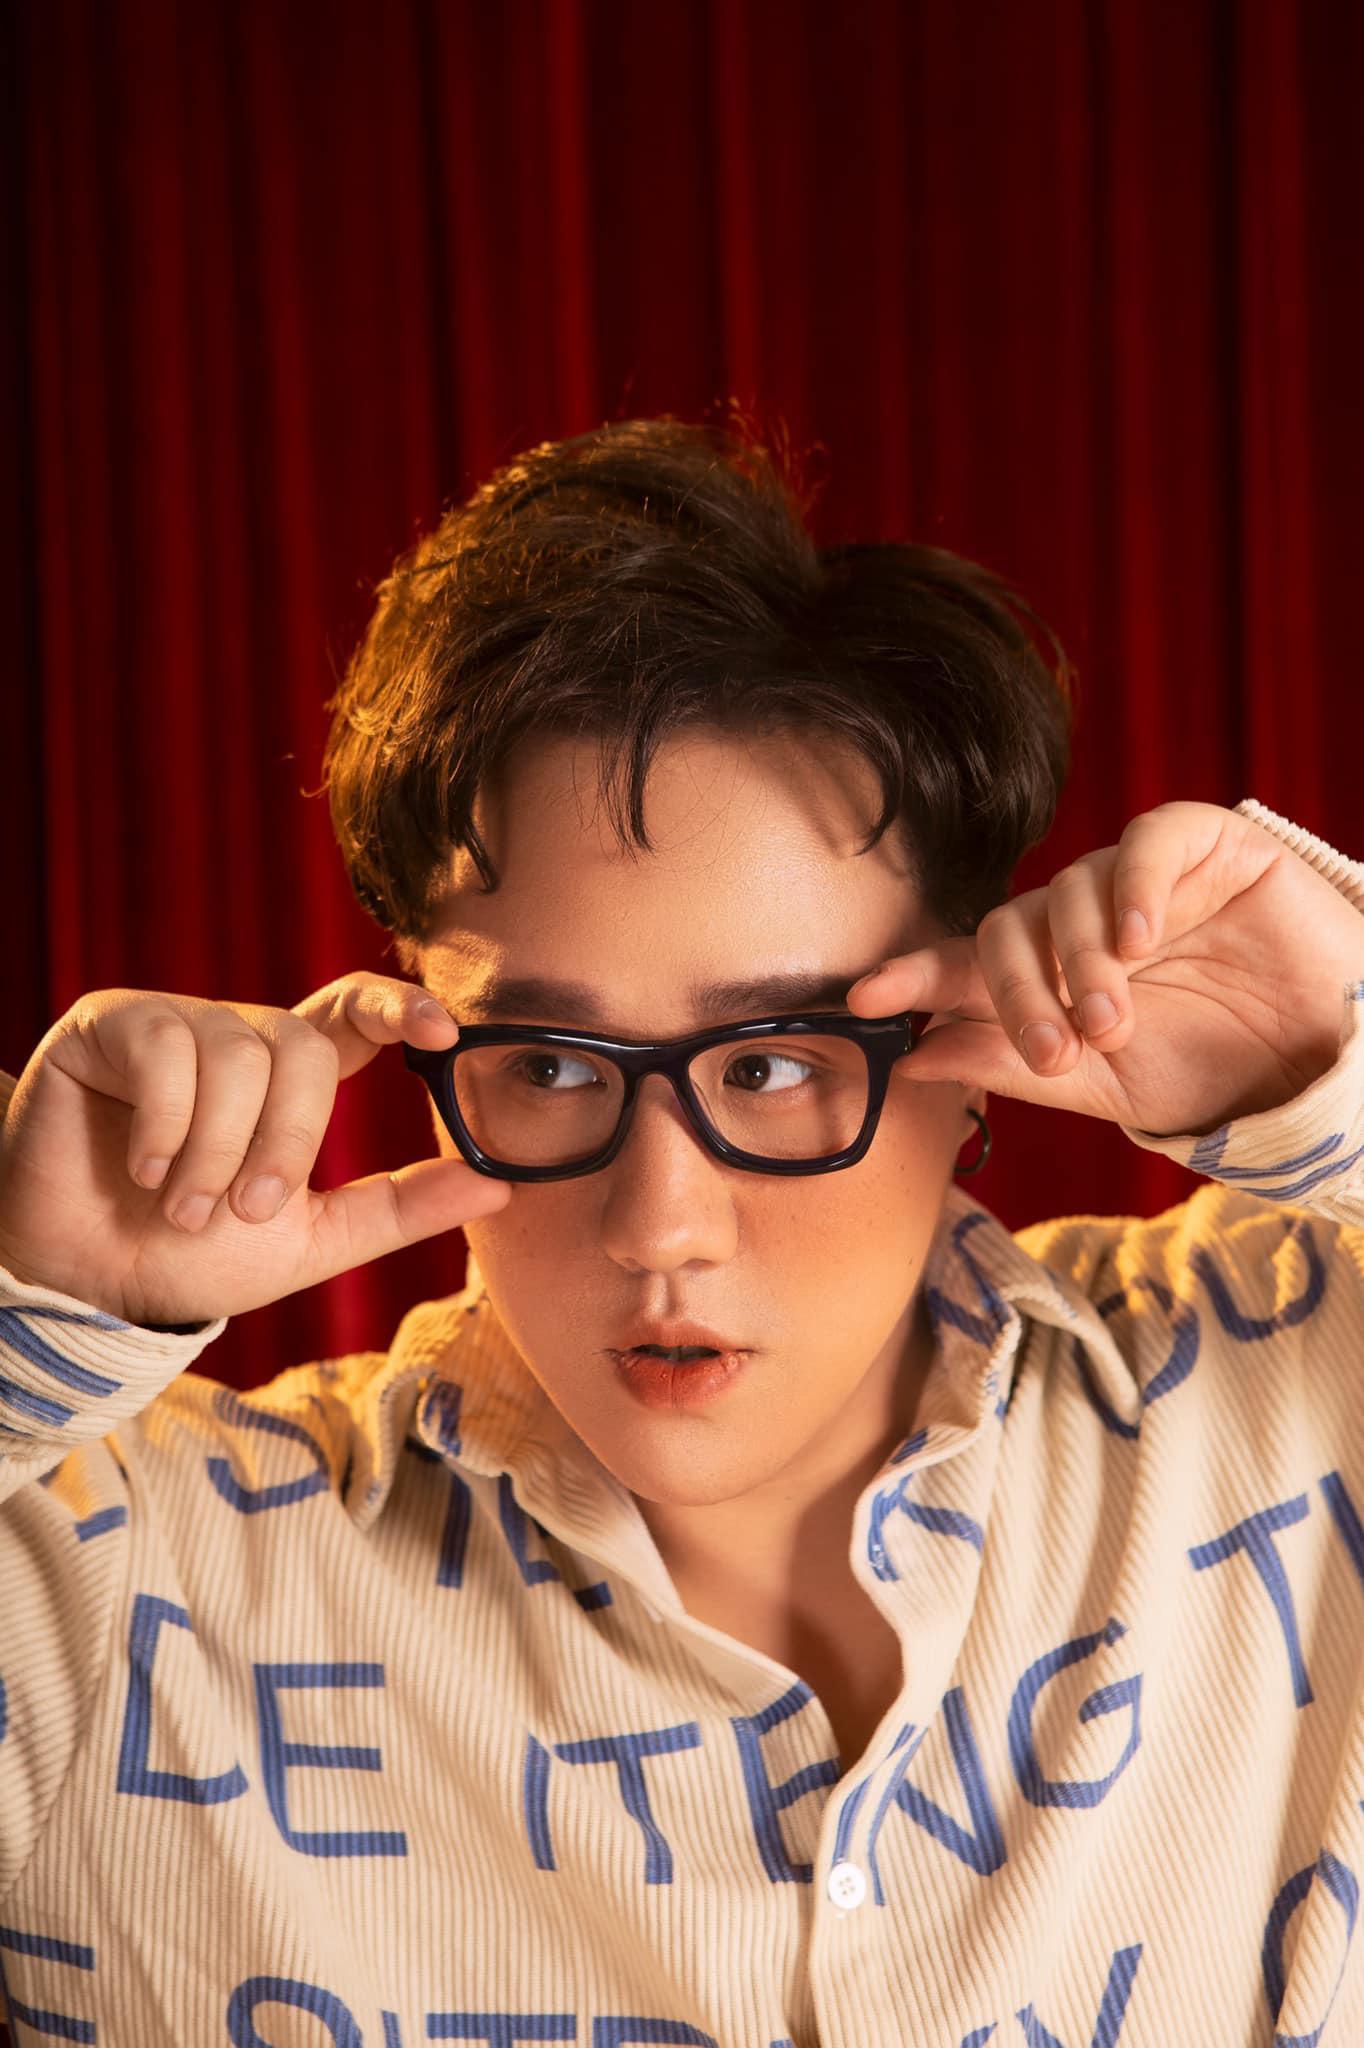 Dàn thí sinh Vietnam Idol lột xác nhan sắc sau 10 năm: Bích Phương dao kéo quá đỉnh, Văn Mai Hương - Trung Quân thay đổi ngoạn mục - Ảnh 18.